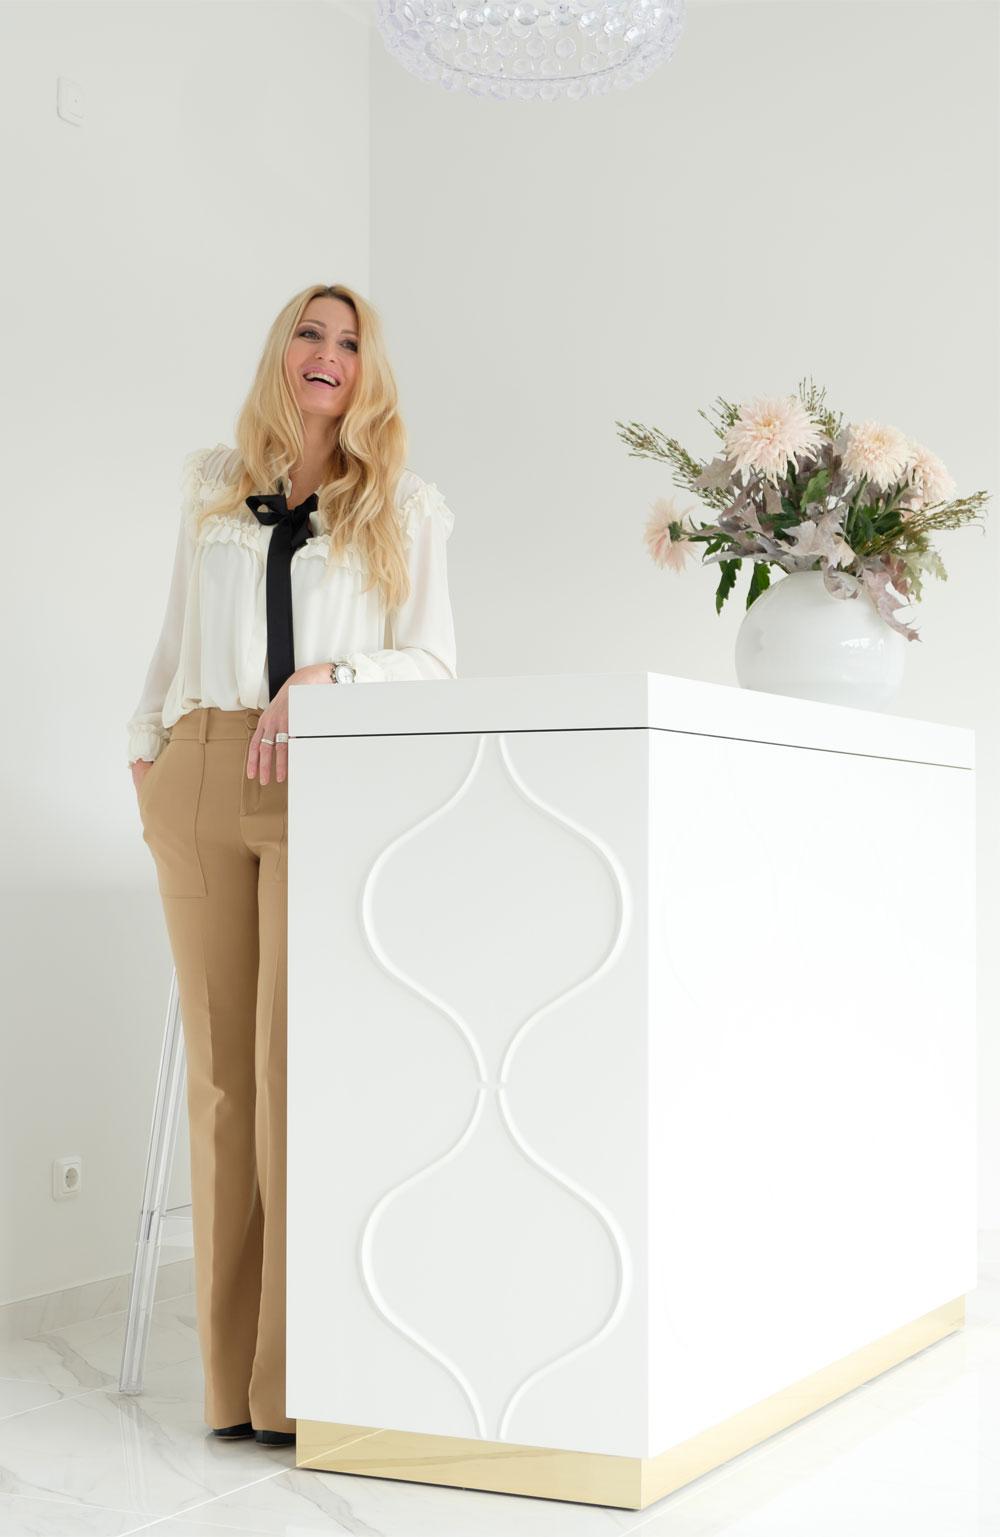 DWI-Cologne Daniela Steinbach-Wirtz